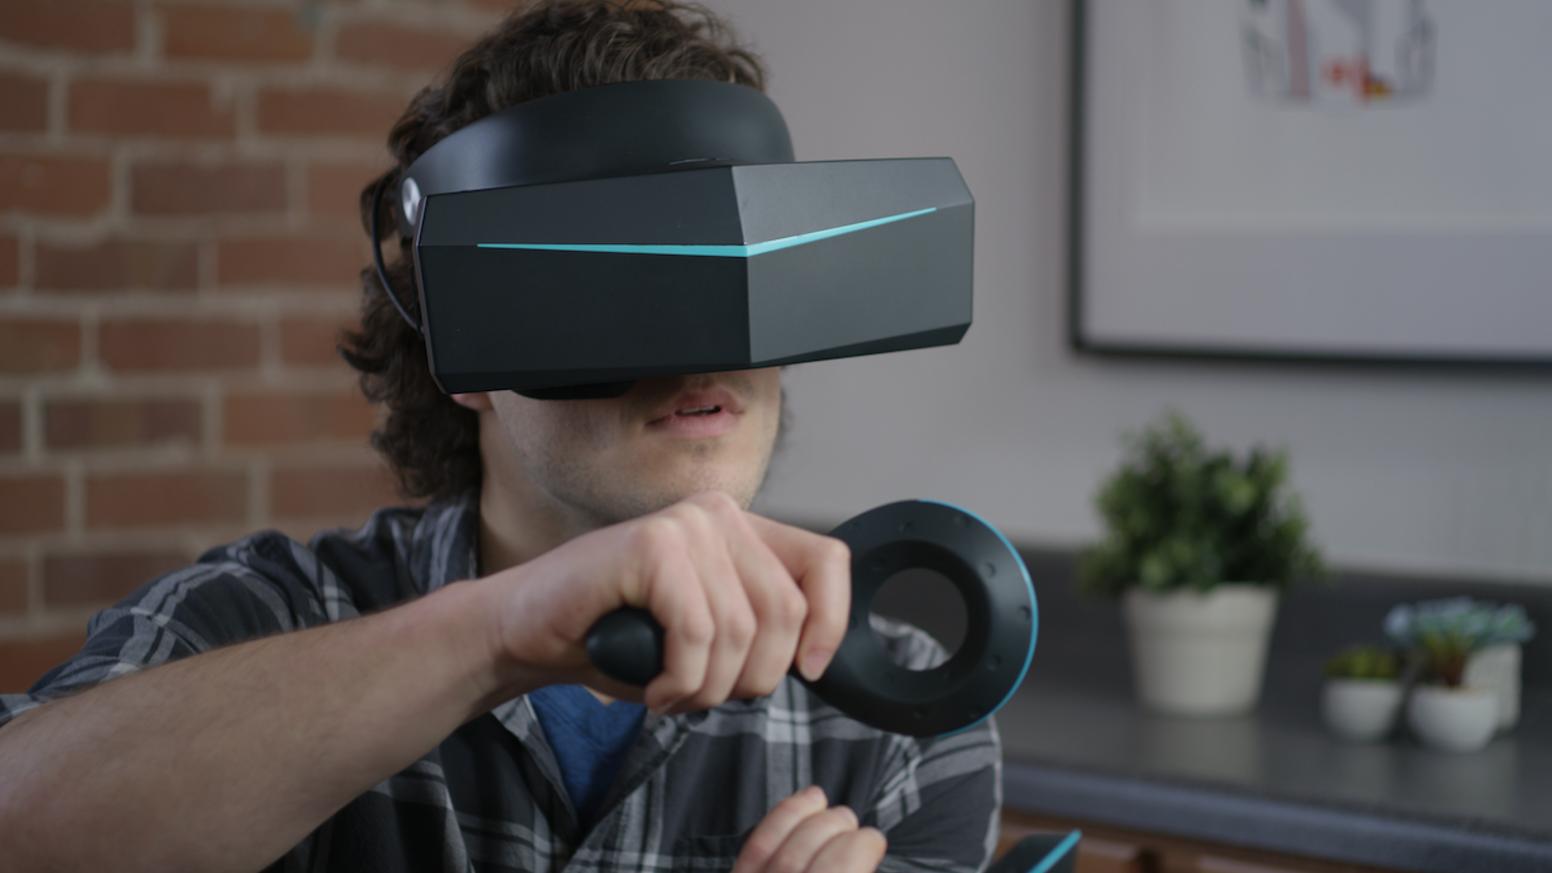 Pimax 8K CES 2018 VR